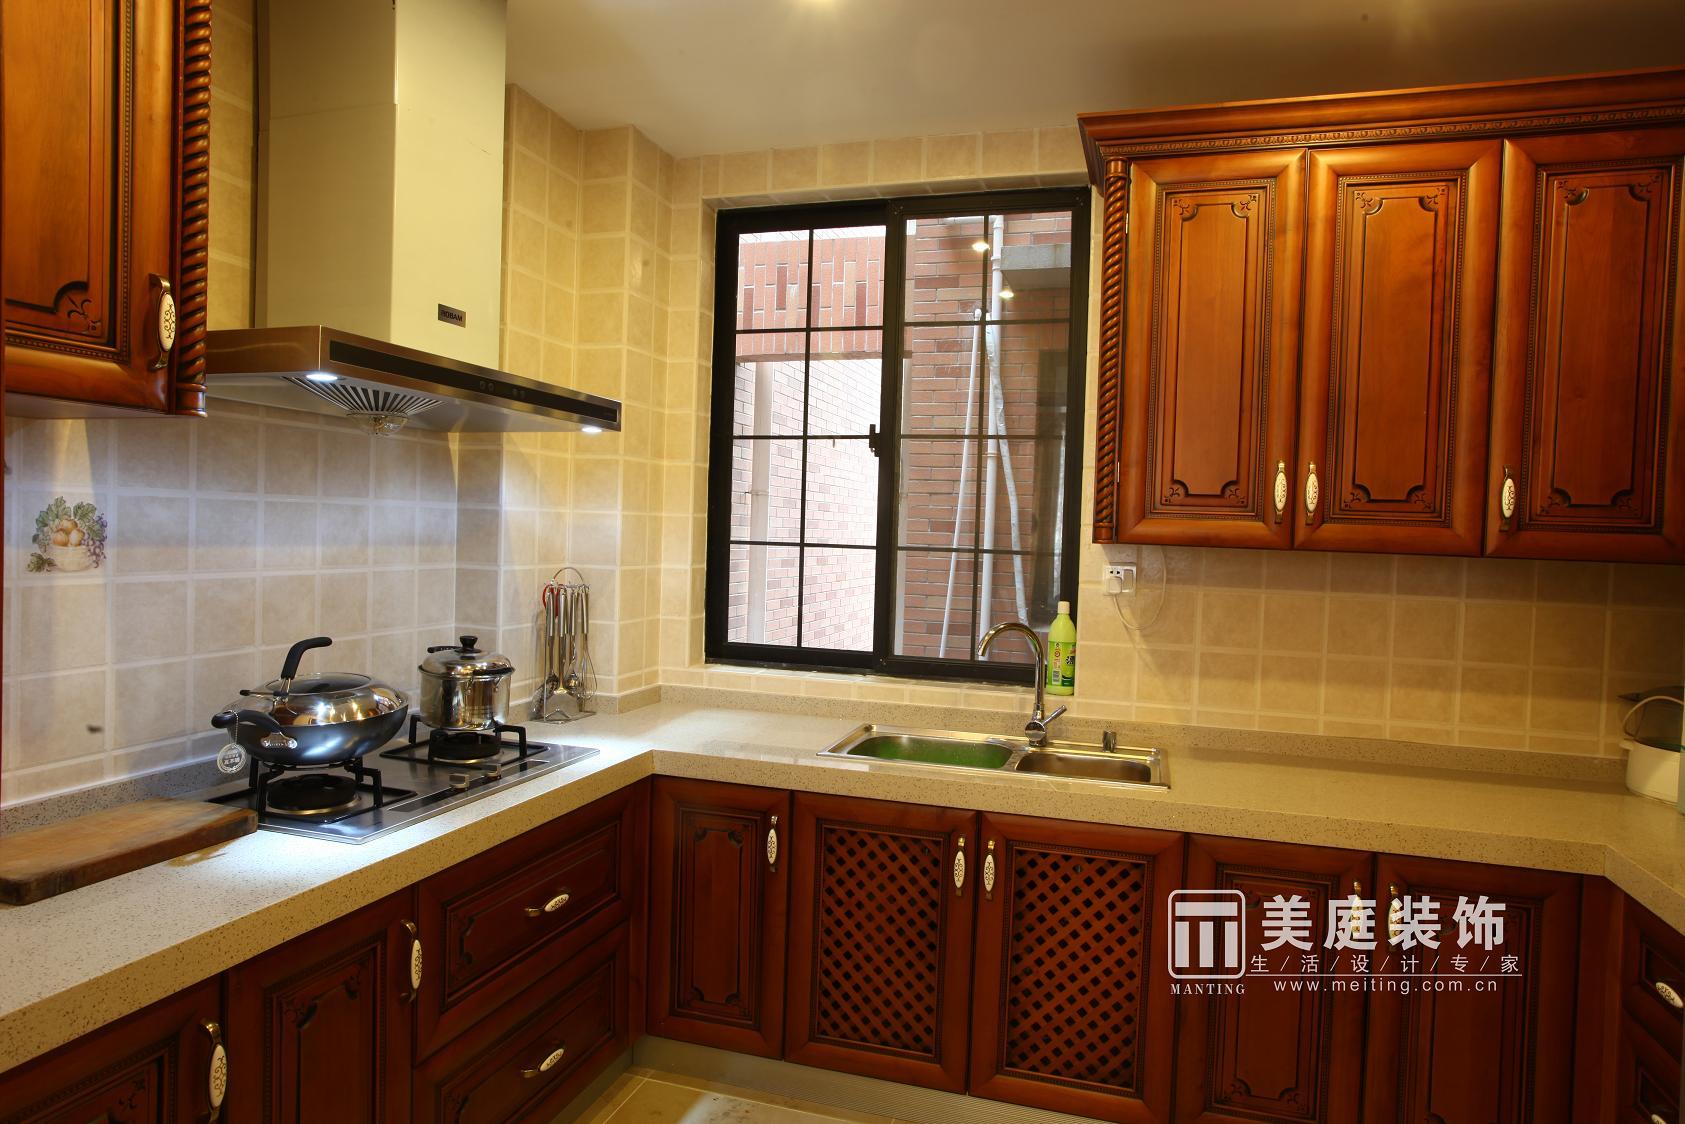 关于厨房,卫浴方面的电路设计小编以后有机会再和